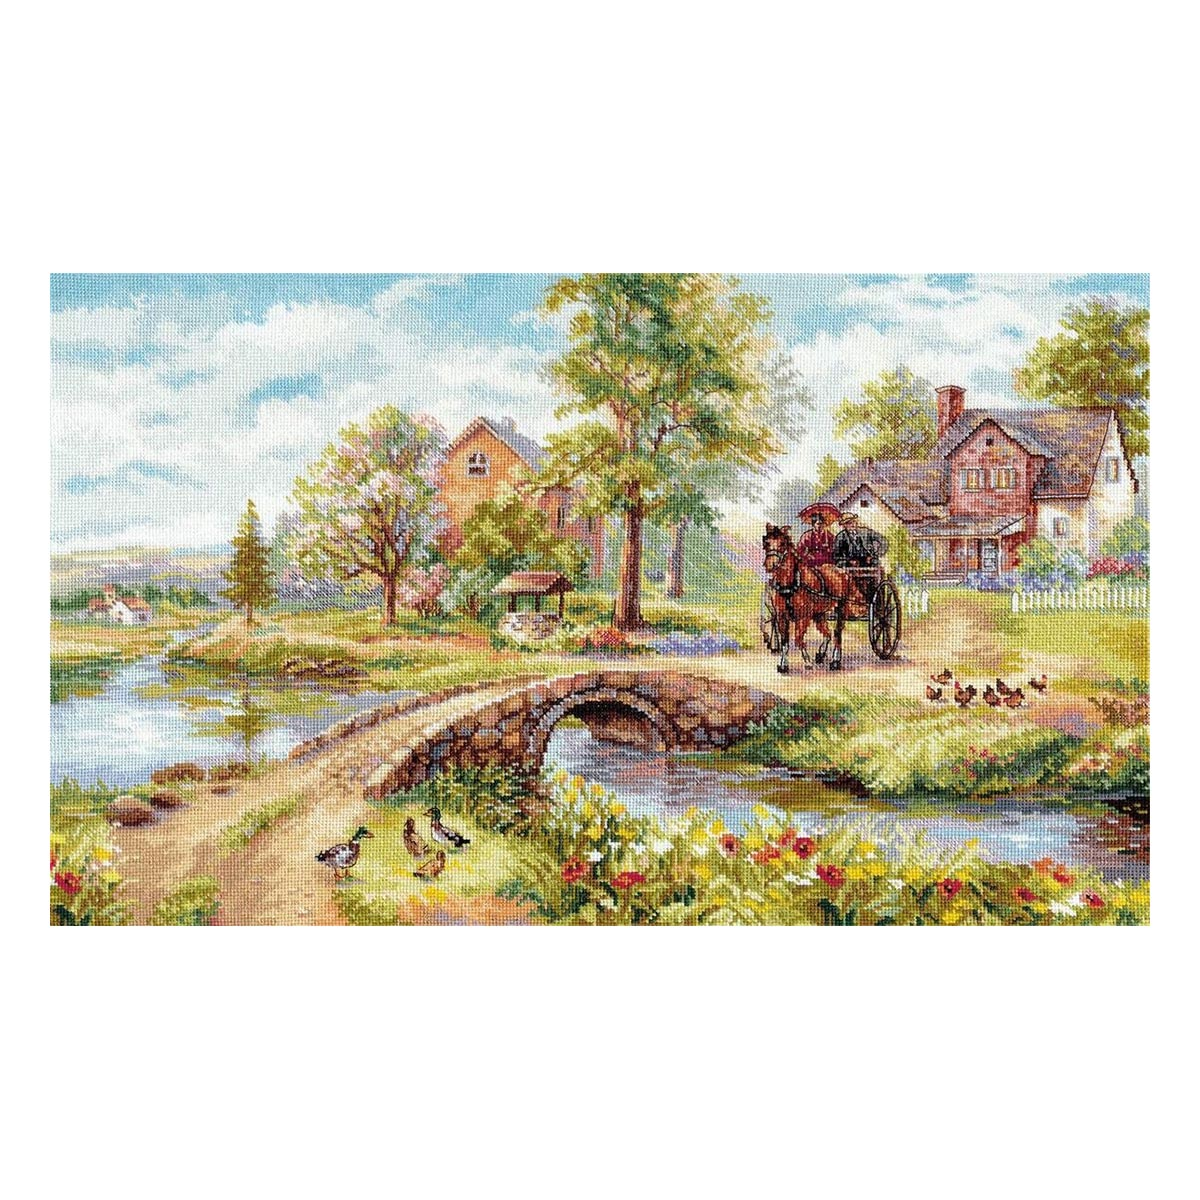 3-25 Набор для вышивания АЛИСА 'Воскресная прогулка' 51*31см